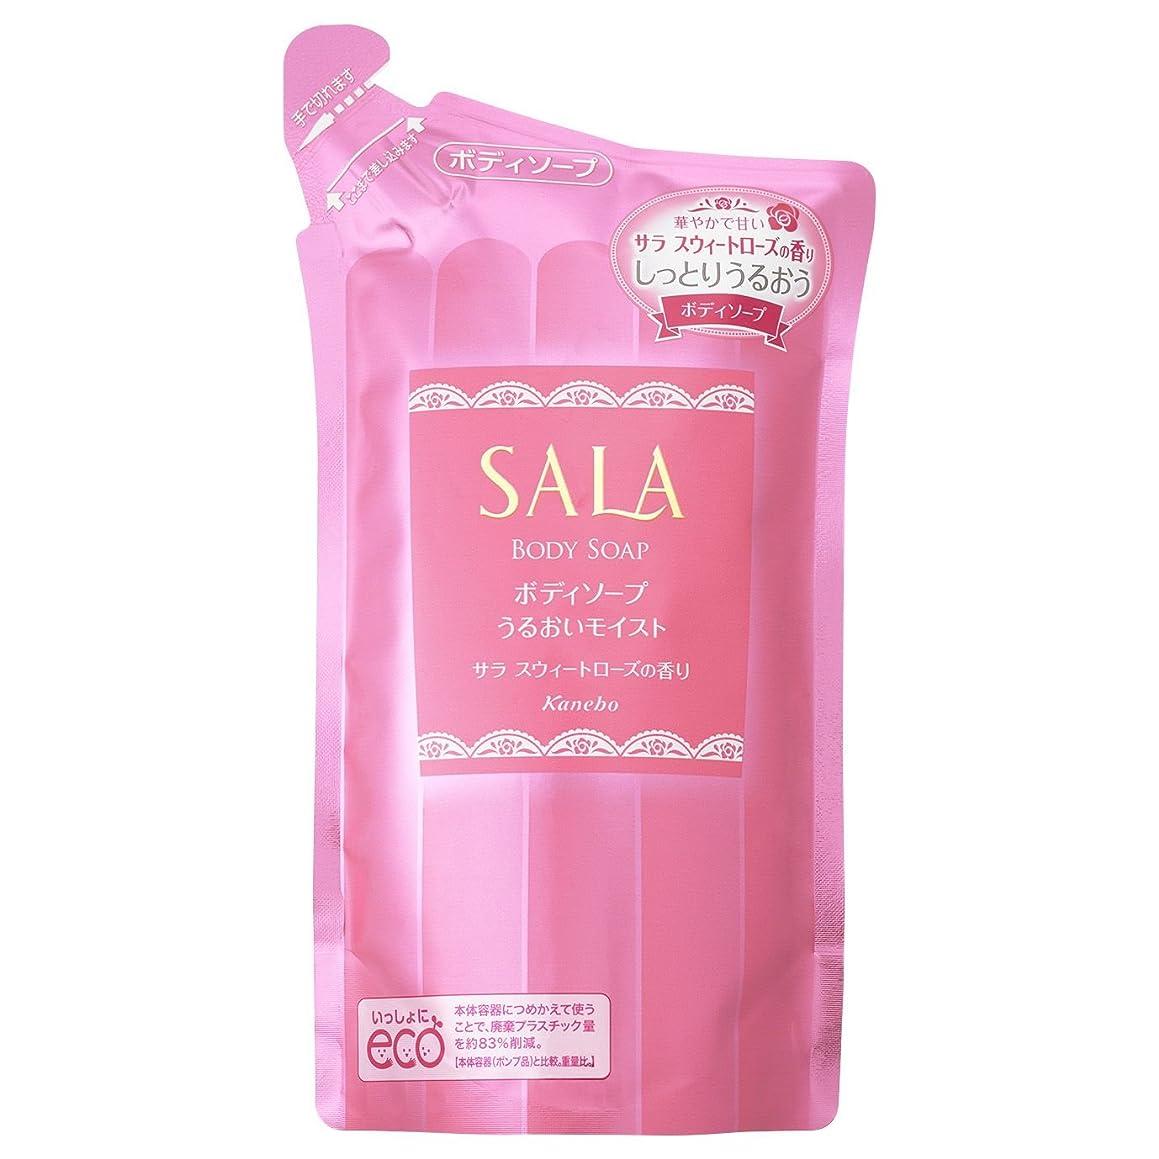 メタルライン長々と放棄するサラ ボディソープ うるおいモイスト つめかえ用 サラスウィートローズの香り